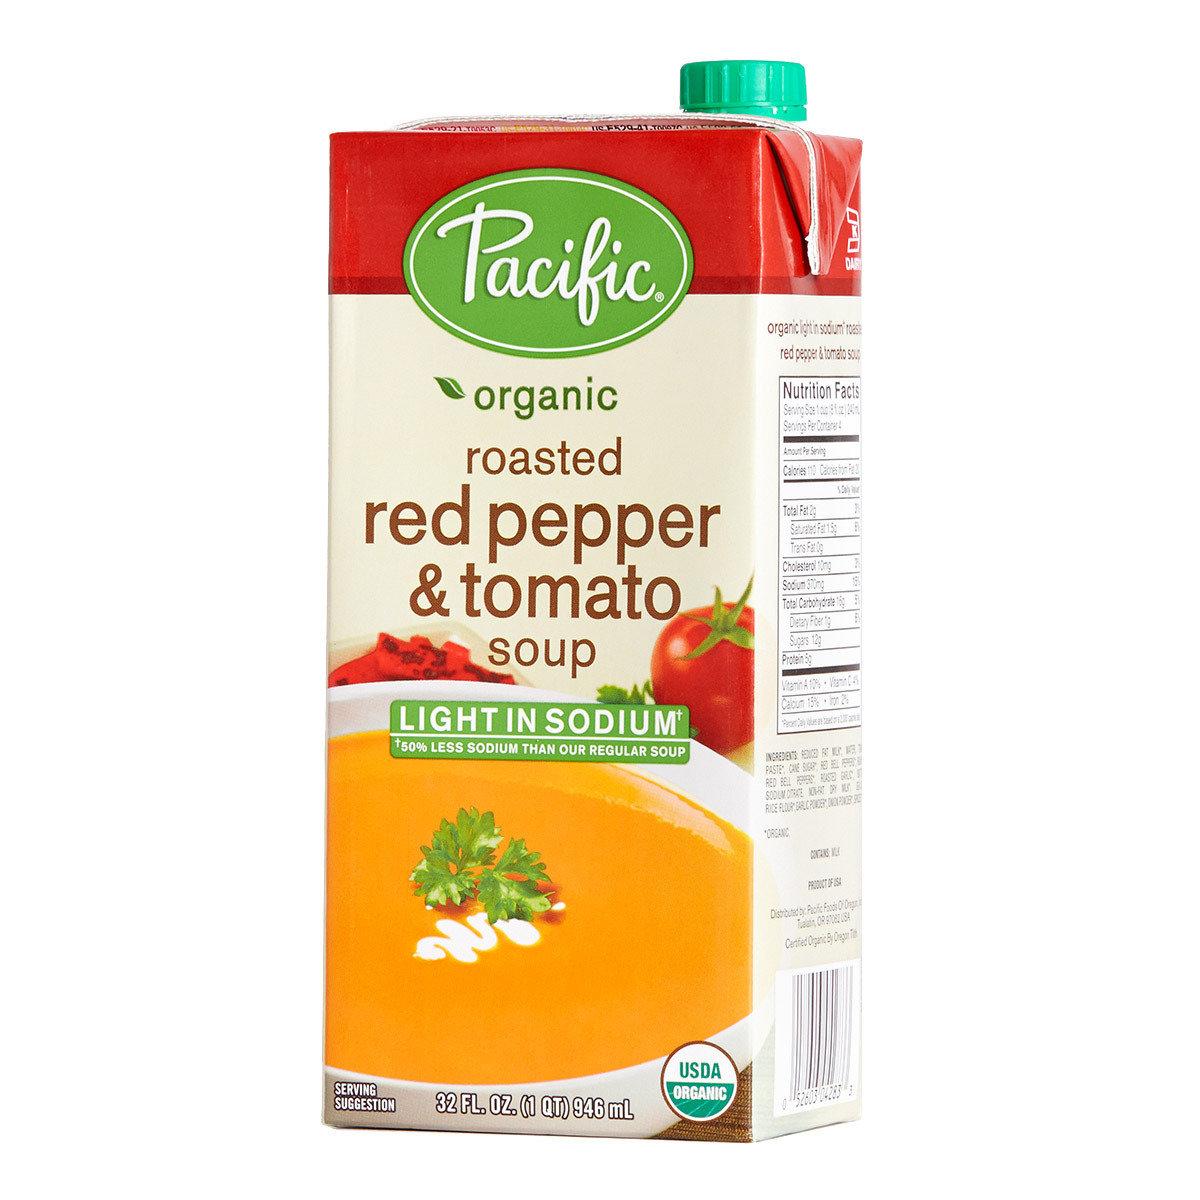 有機低鹽紅椒蕃茄湯